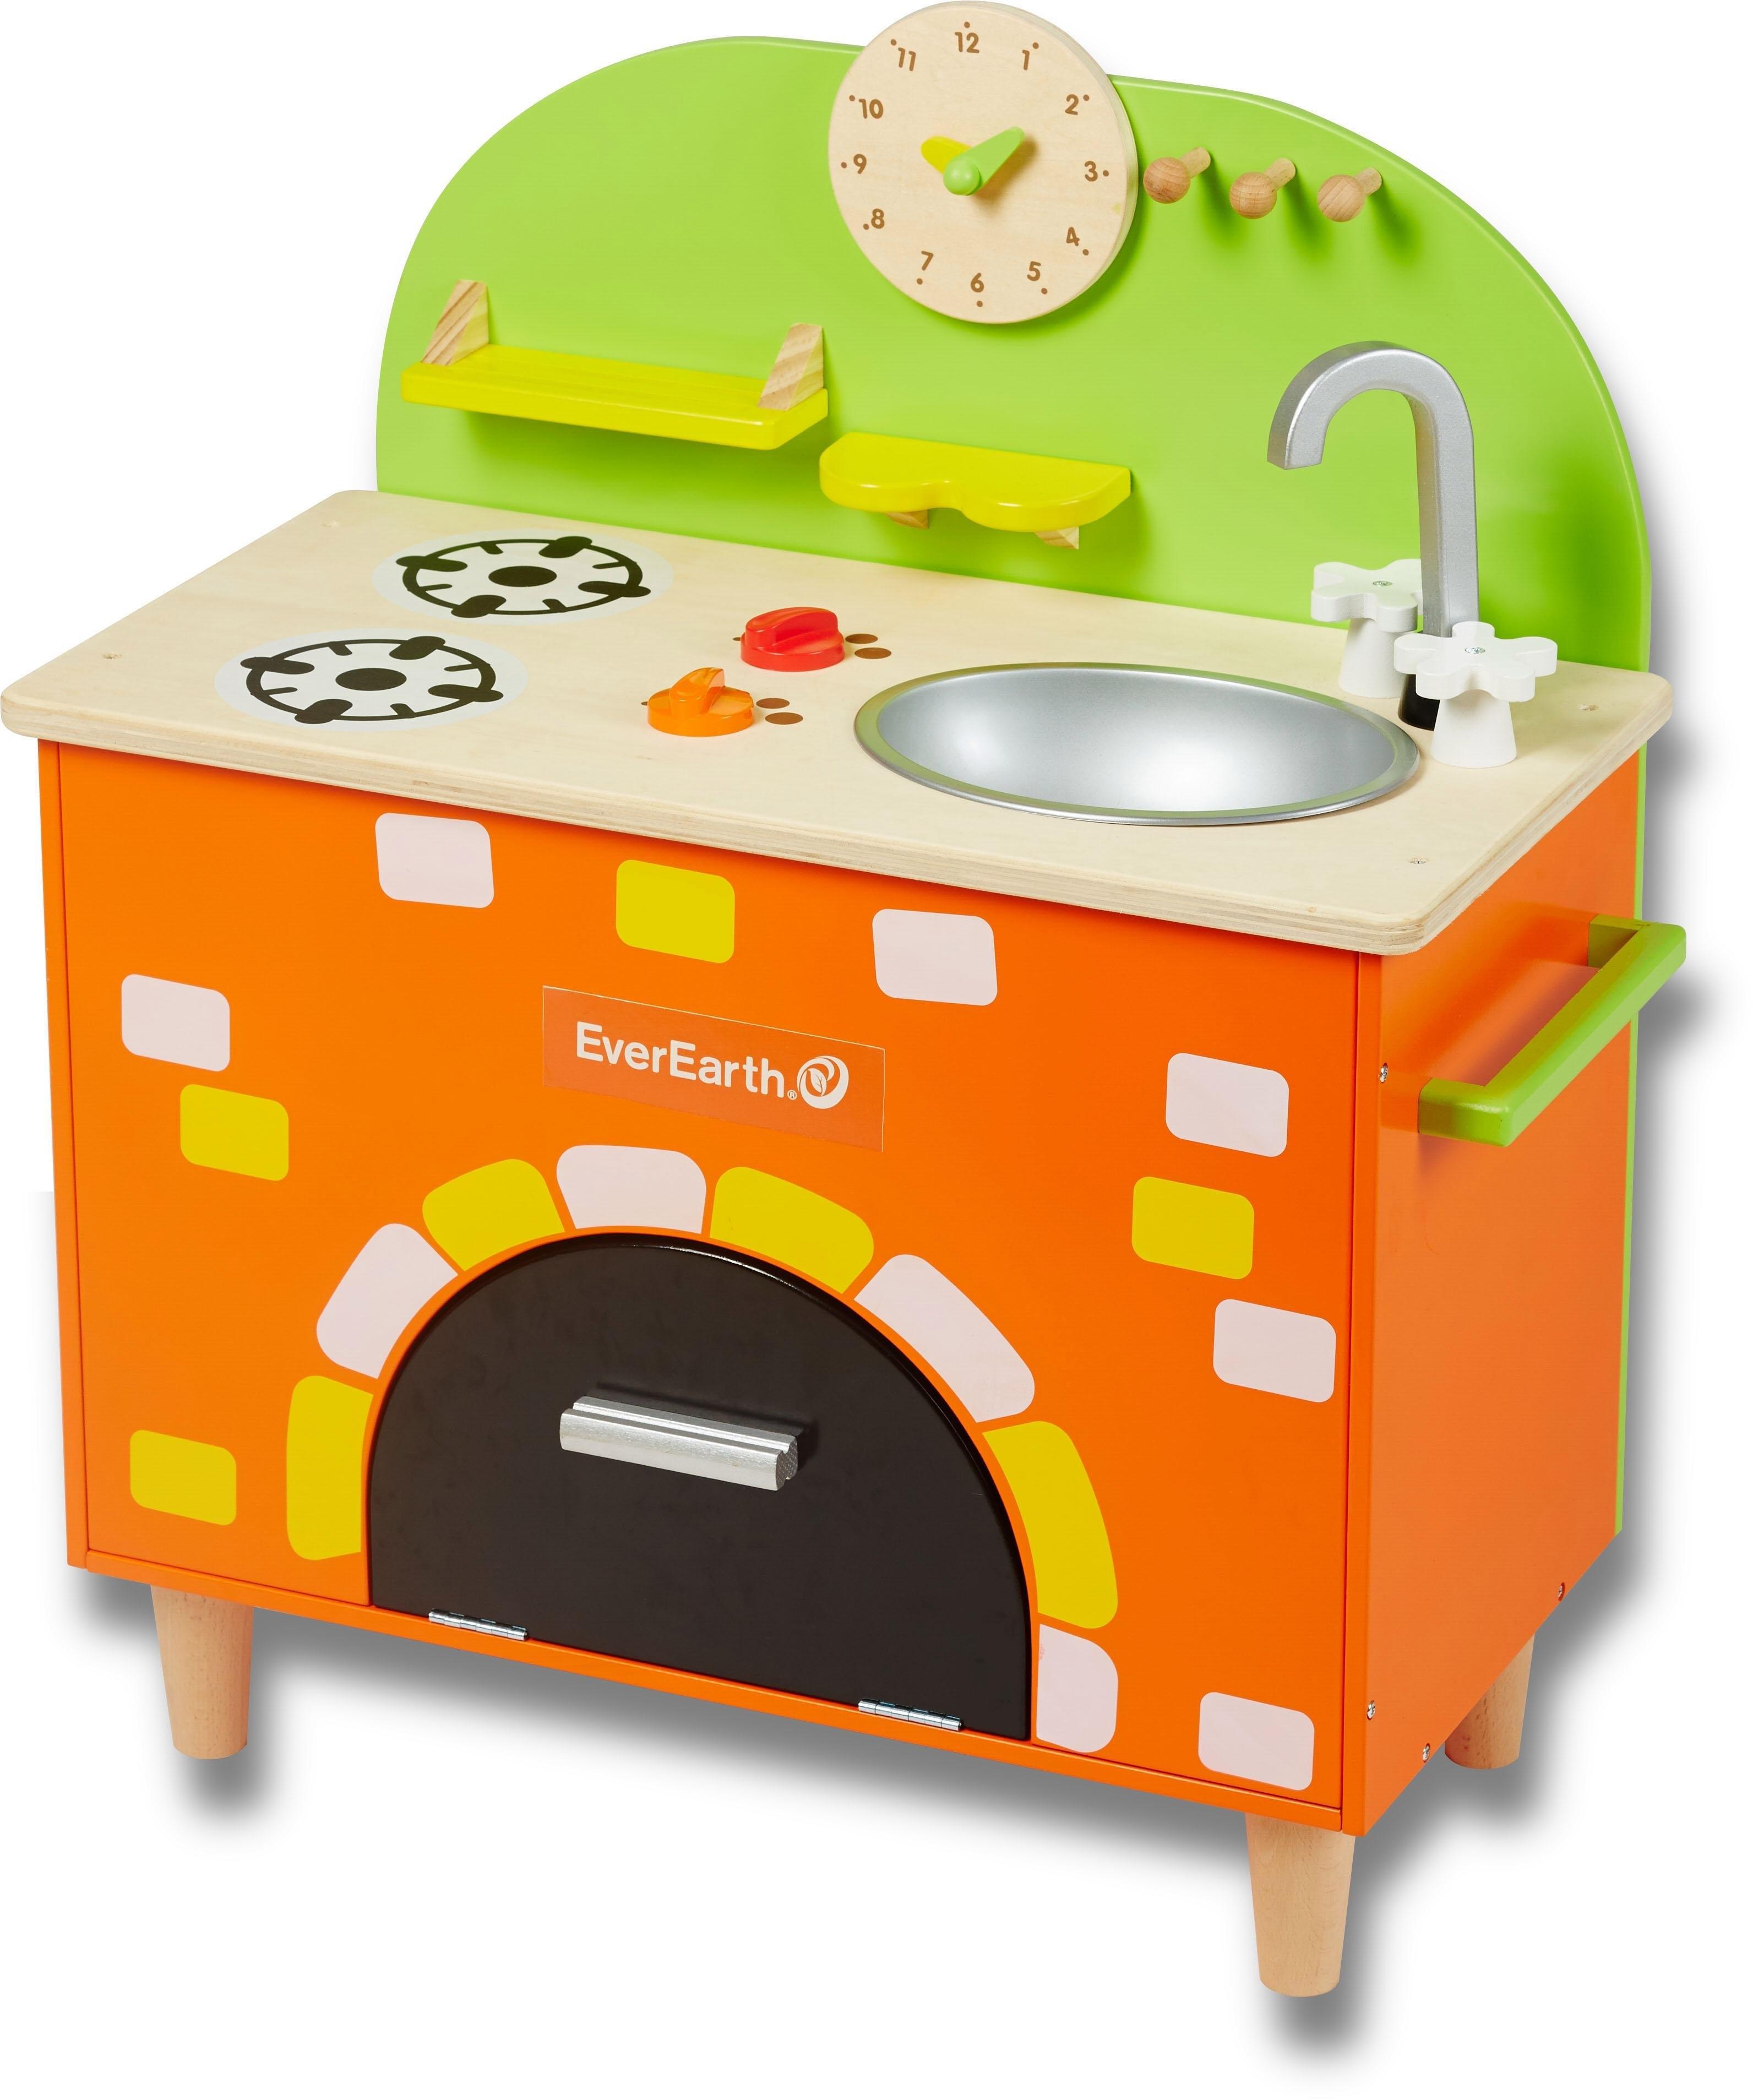 Everearth ® speelkeukentje van hout, »Oven« veilig op otto.nl kopen